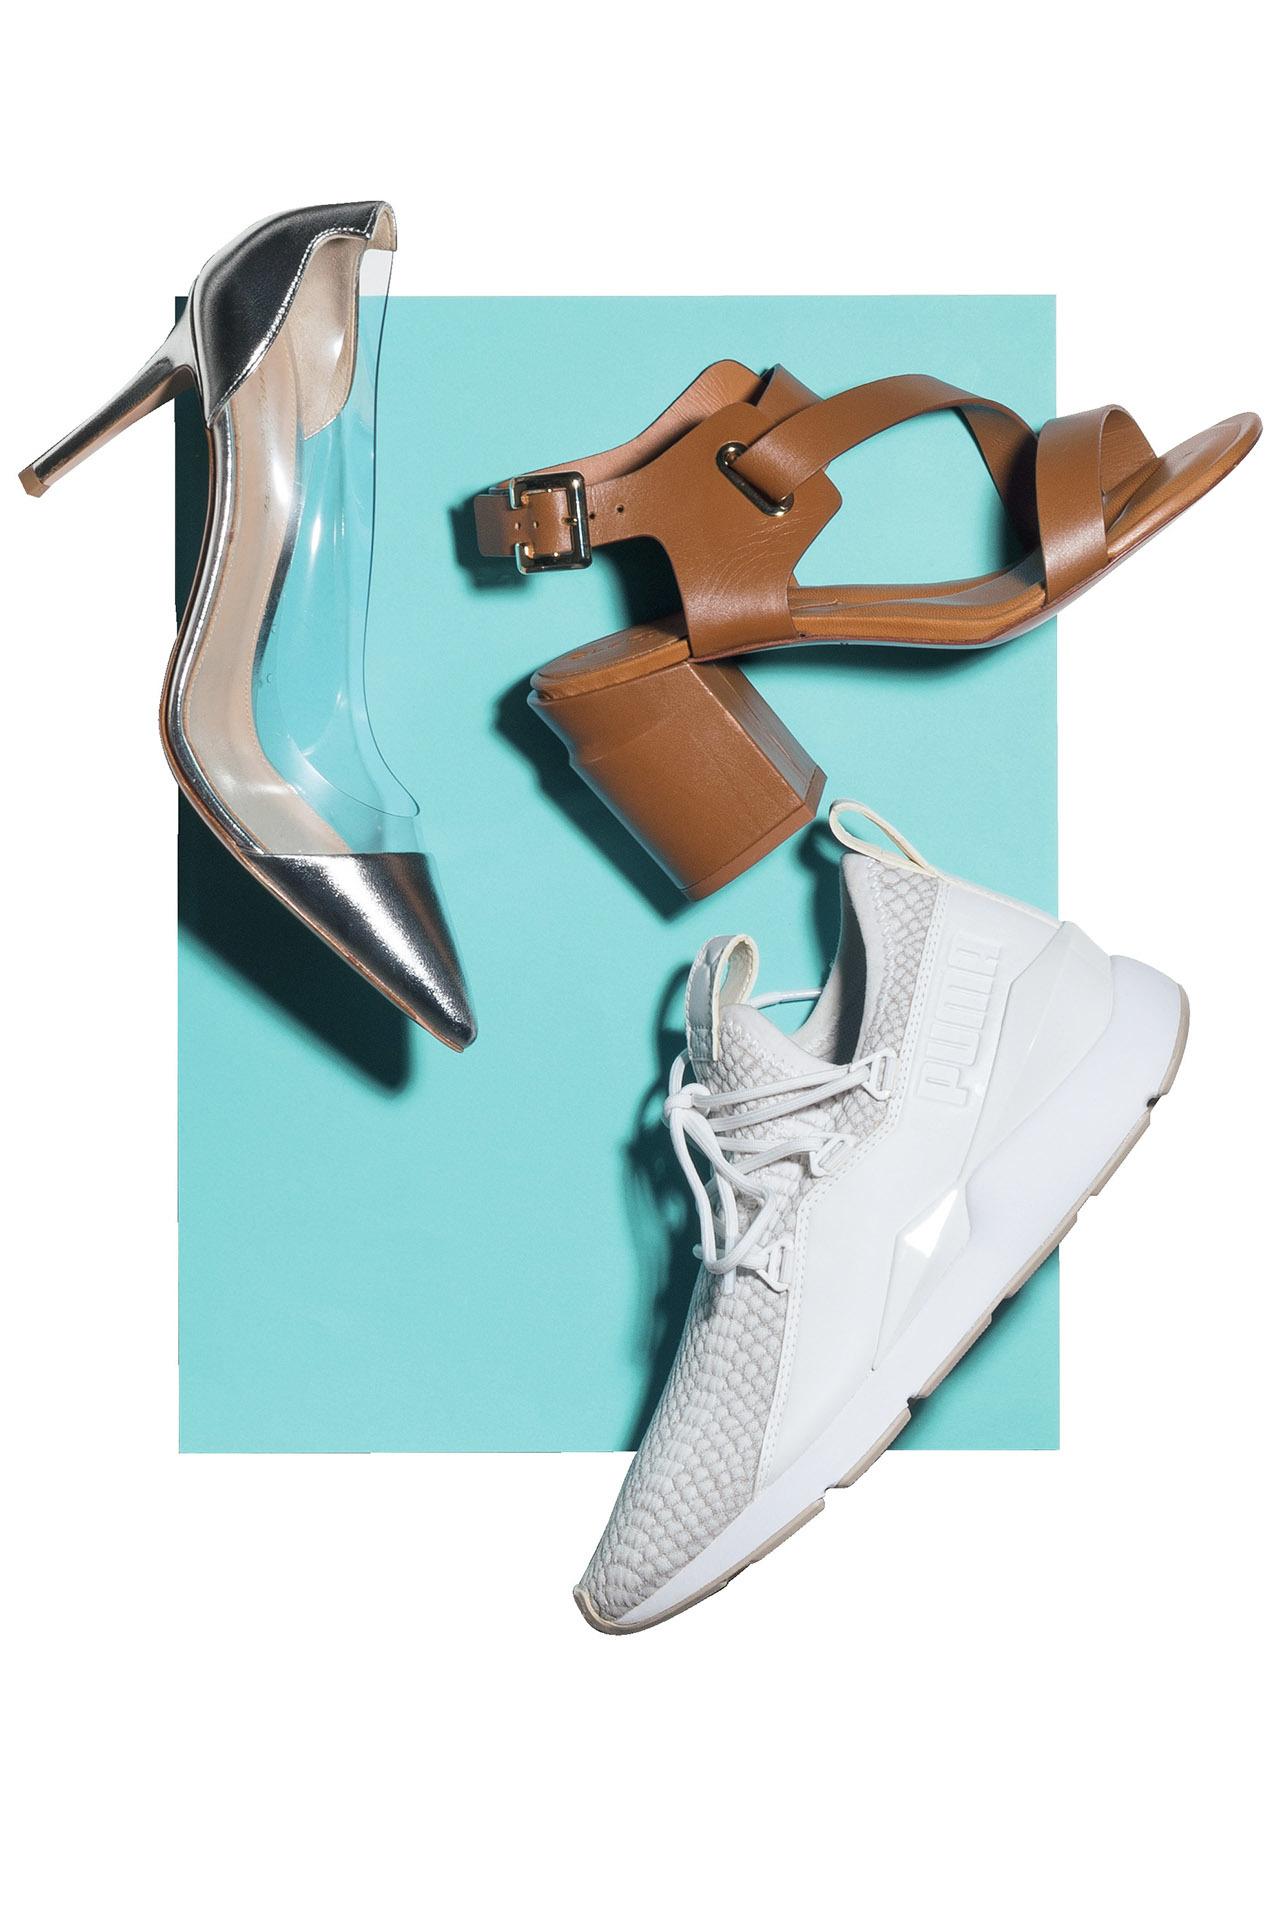 エクラ世代の初夏の足元、ちょっと甘めテイストに合うのはこんな靴! 五選_1_1-4